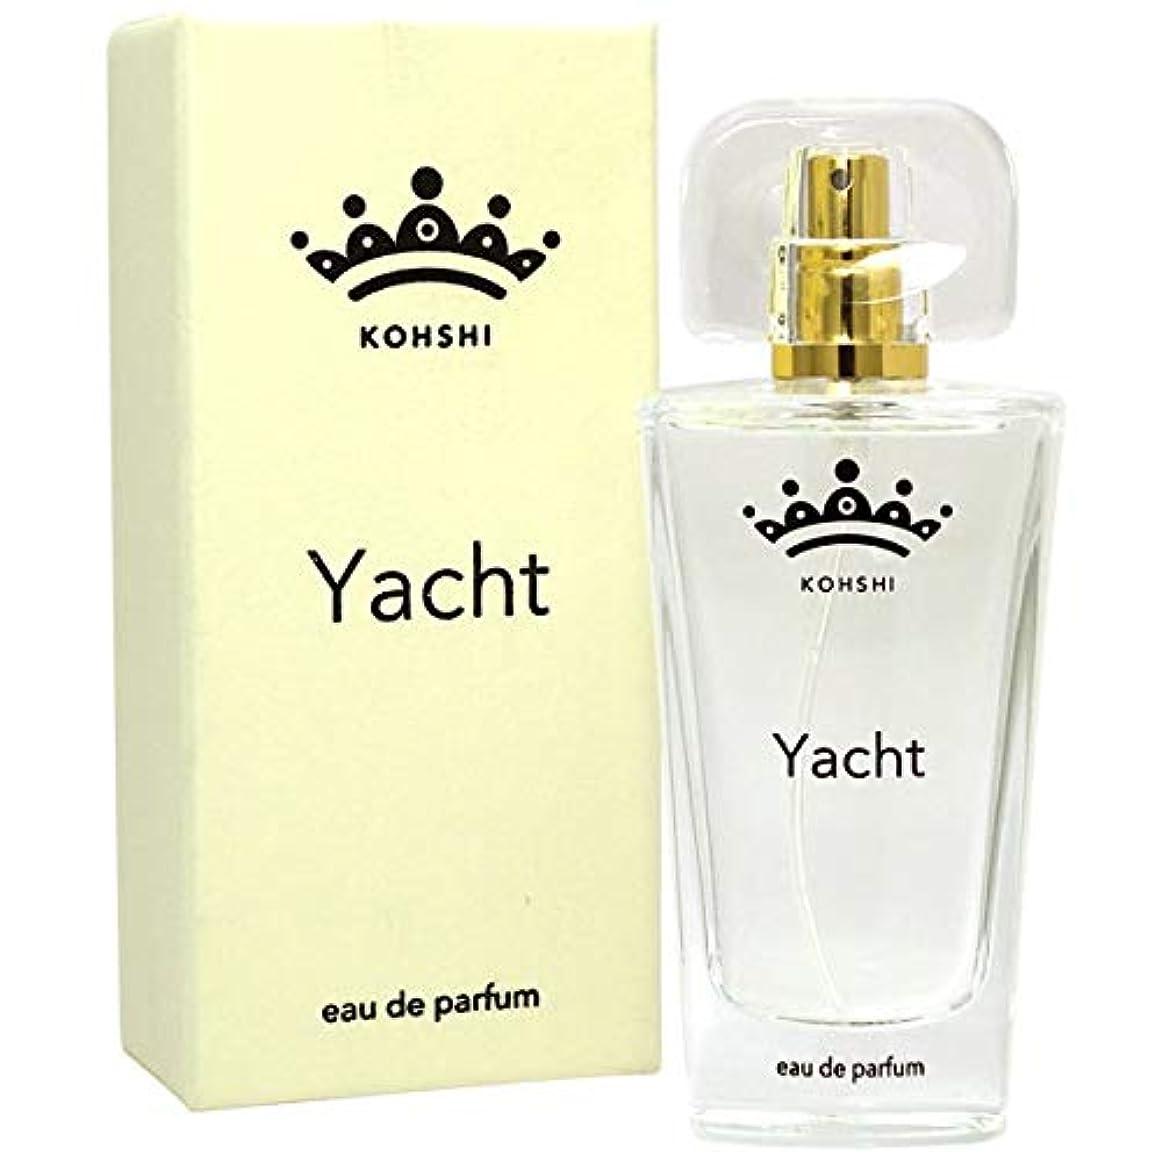 心理的に告白する前文【KOHSHI】 Yacht EDP SP 50ml 香師06